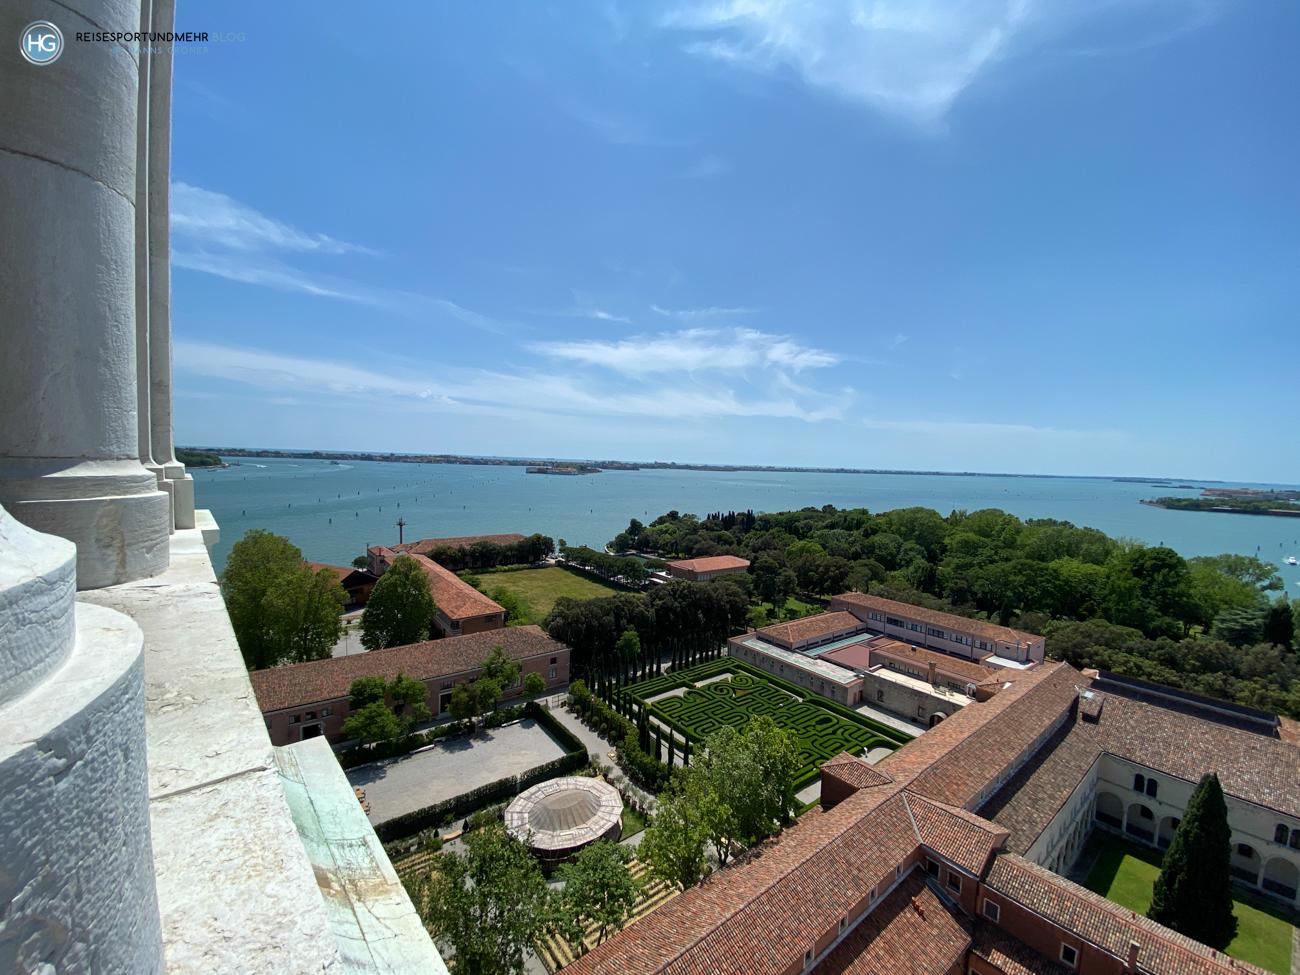 Venedig Pfingsten 2021 - wunderbare Aussicht vom Glockenturm San Giorgio Richtung Lido (Foto: Hanns Gröner)